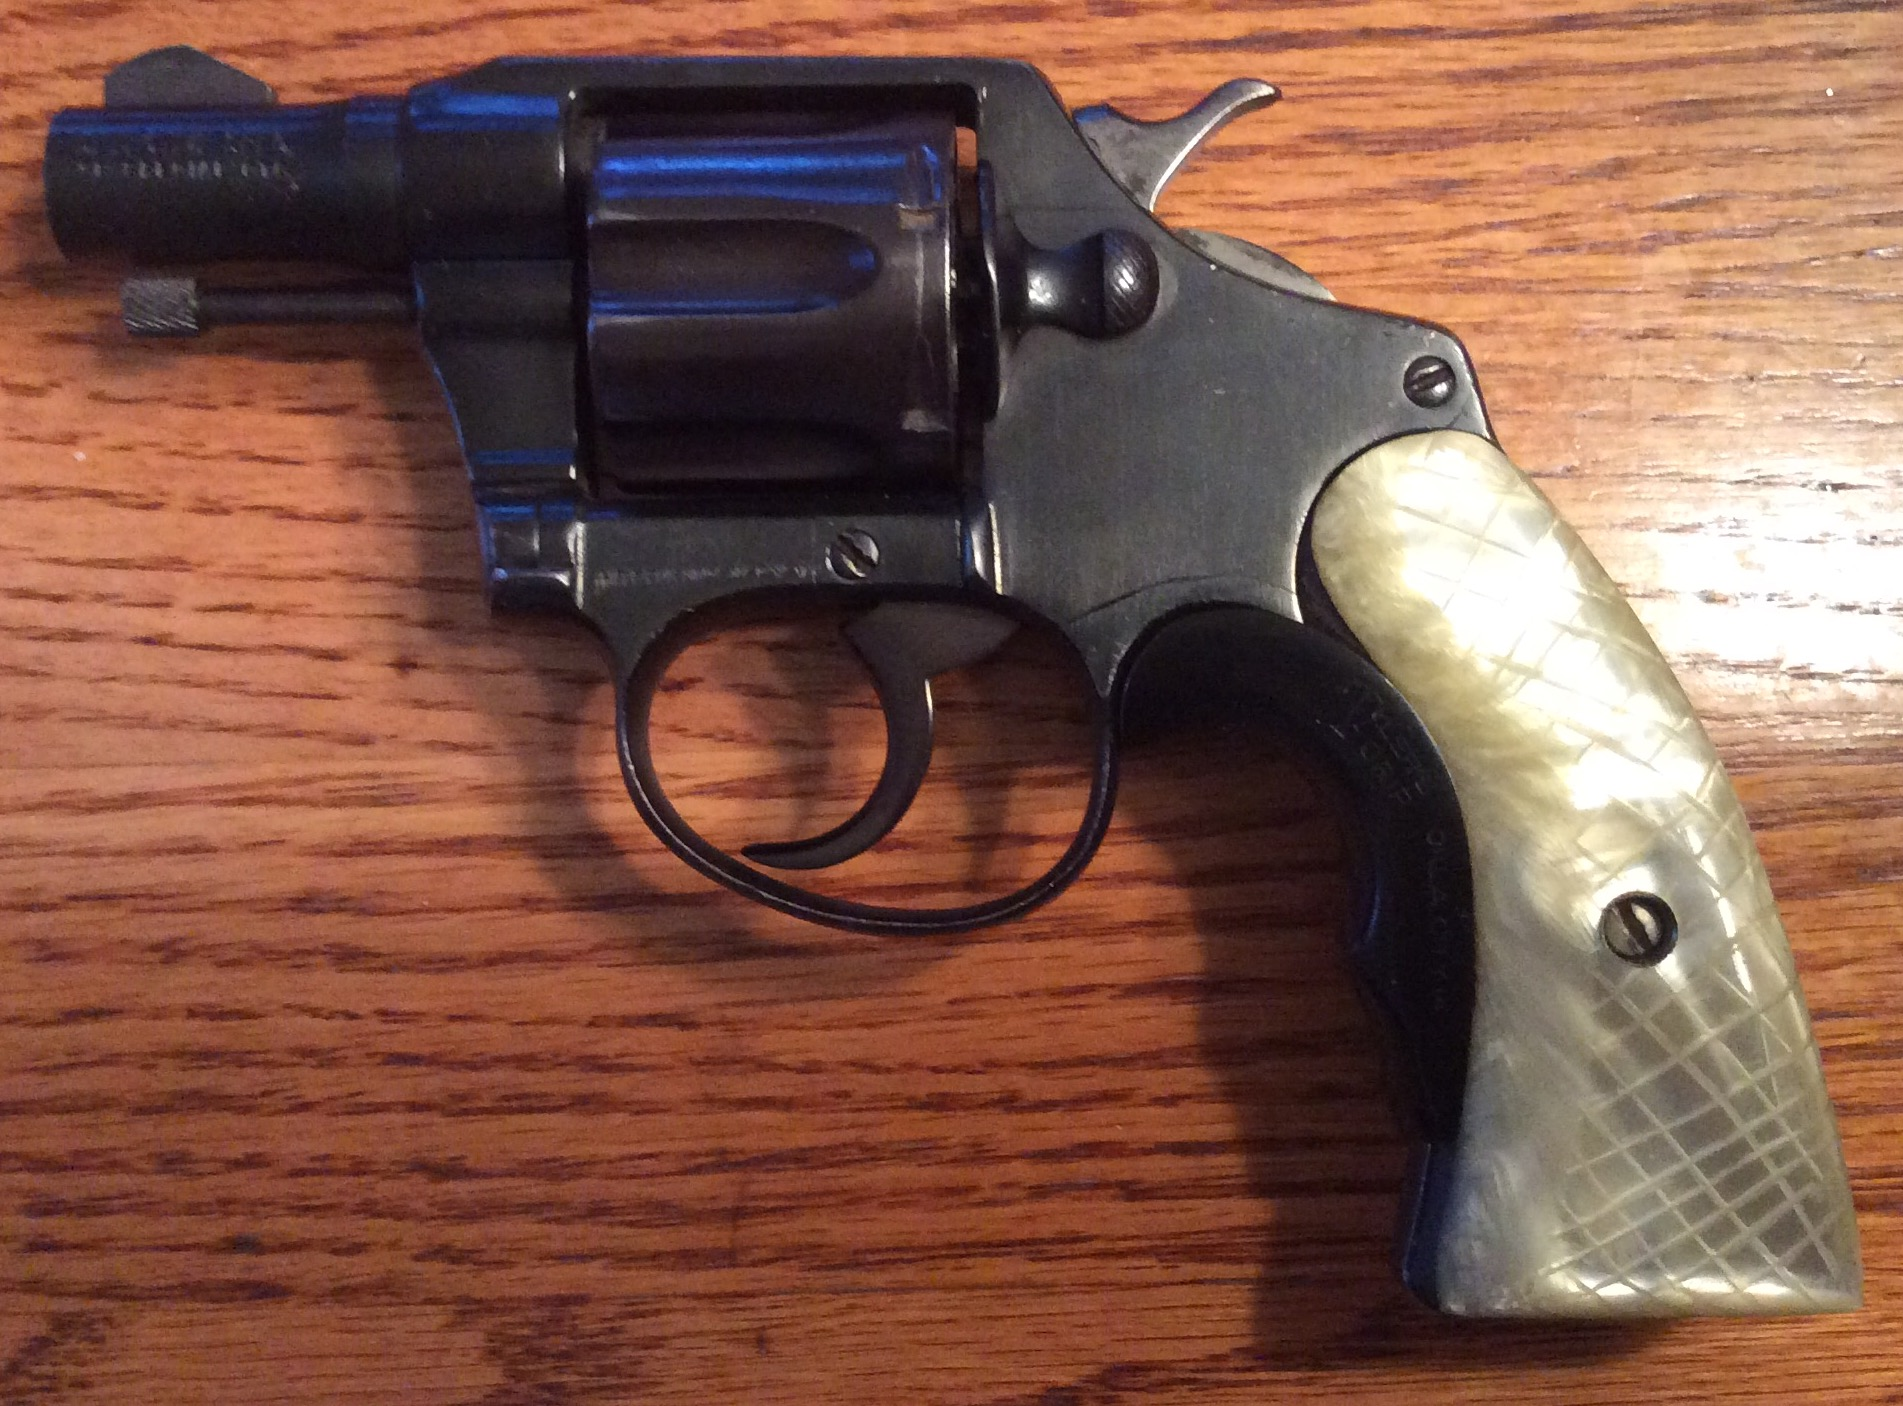 colt 38 detective special snubbie auction id 7379815 end time